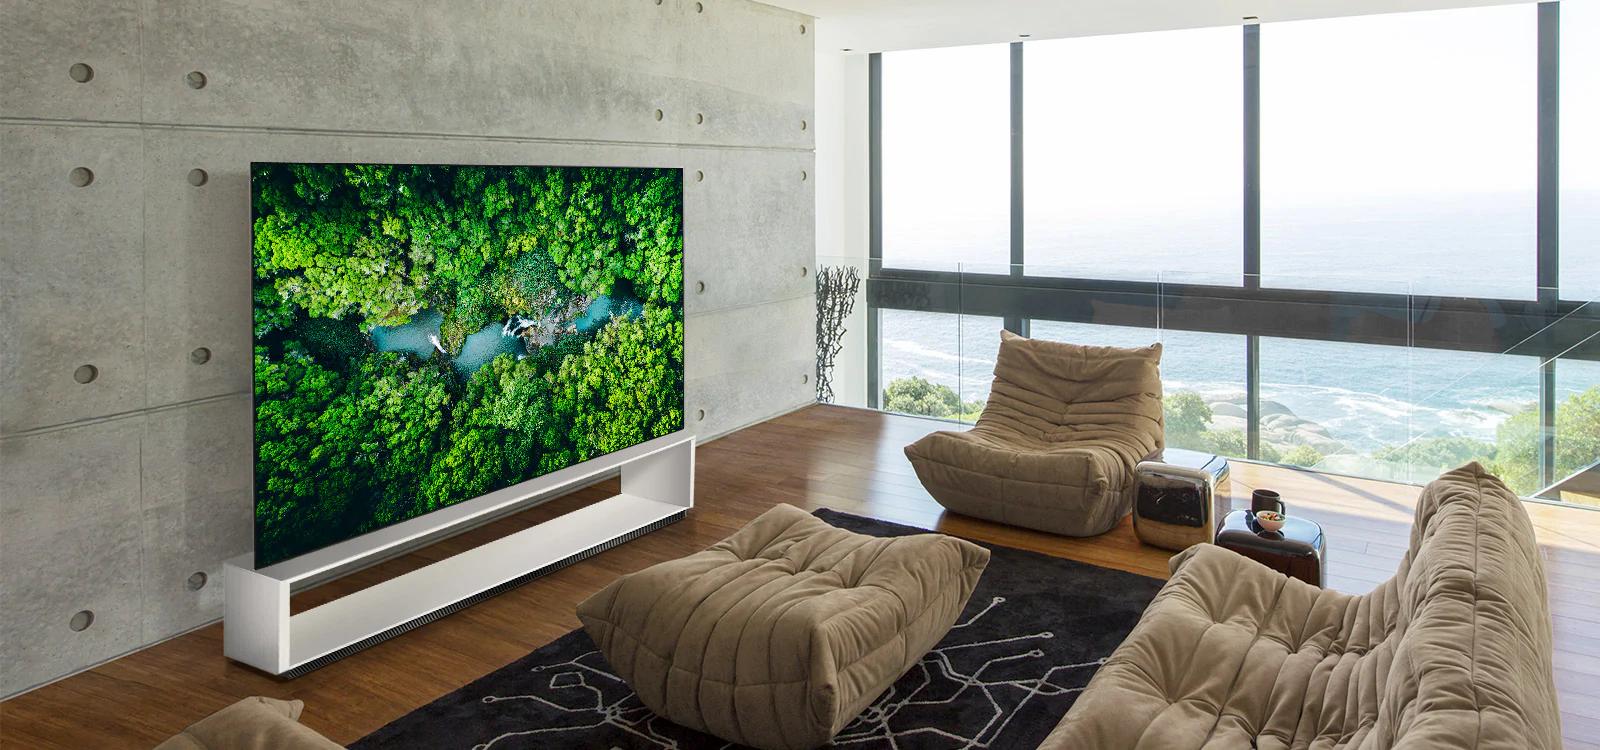 TV-SIGNATURE-OLED-88-ZX-27-Design-Deskto